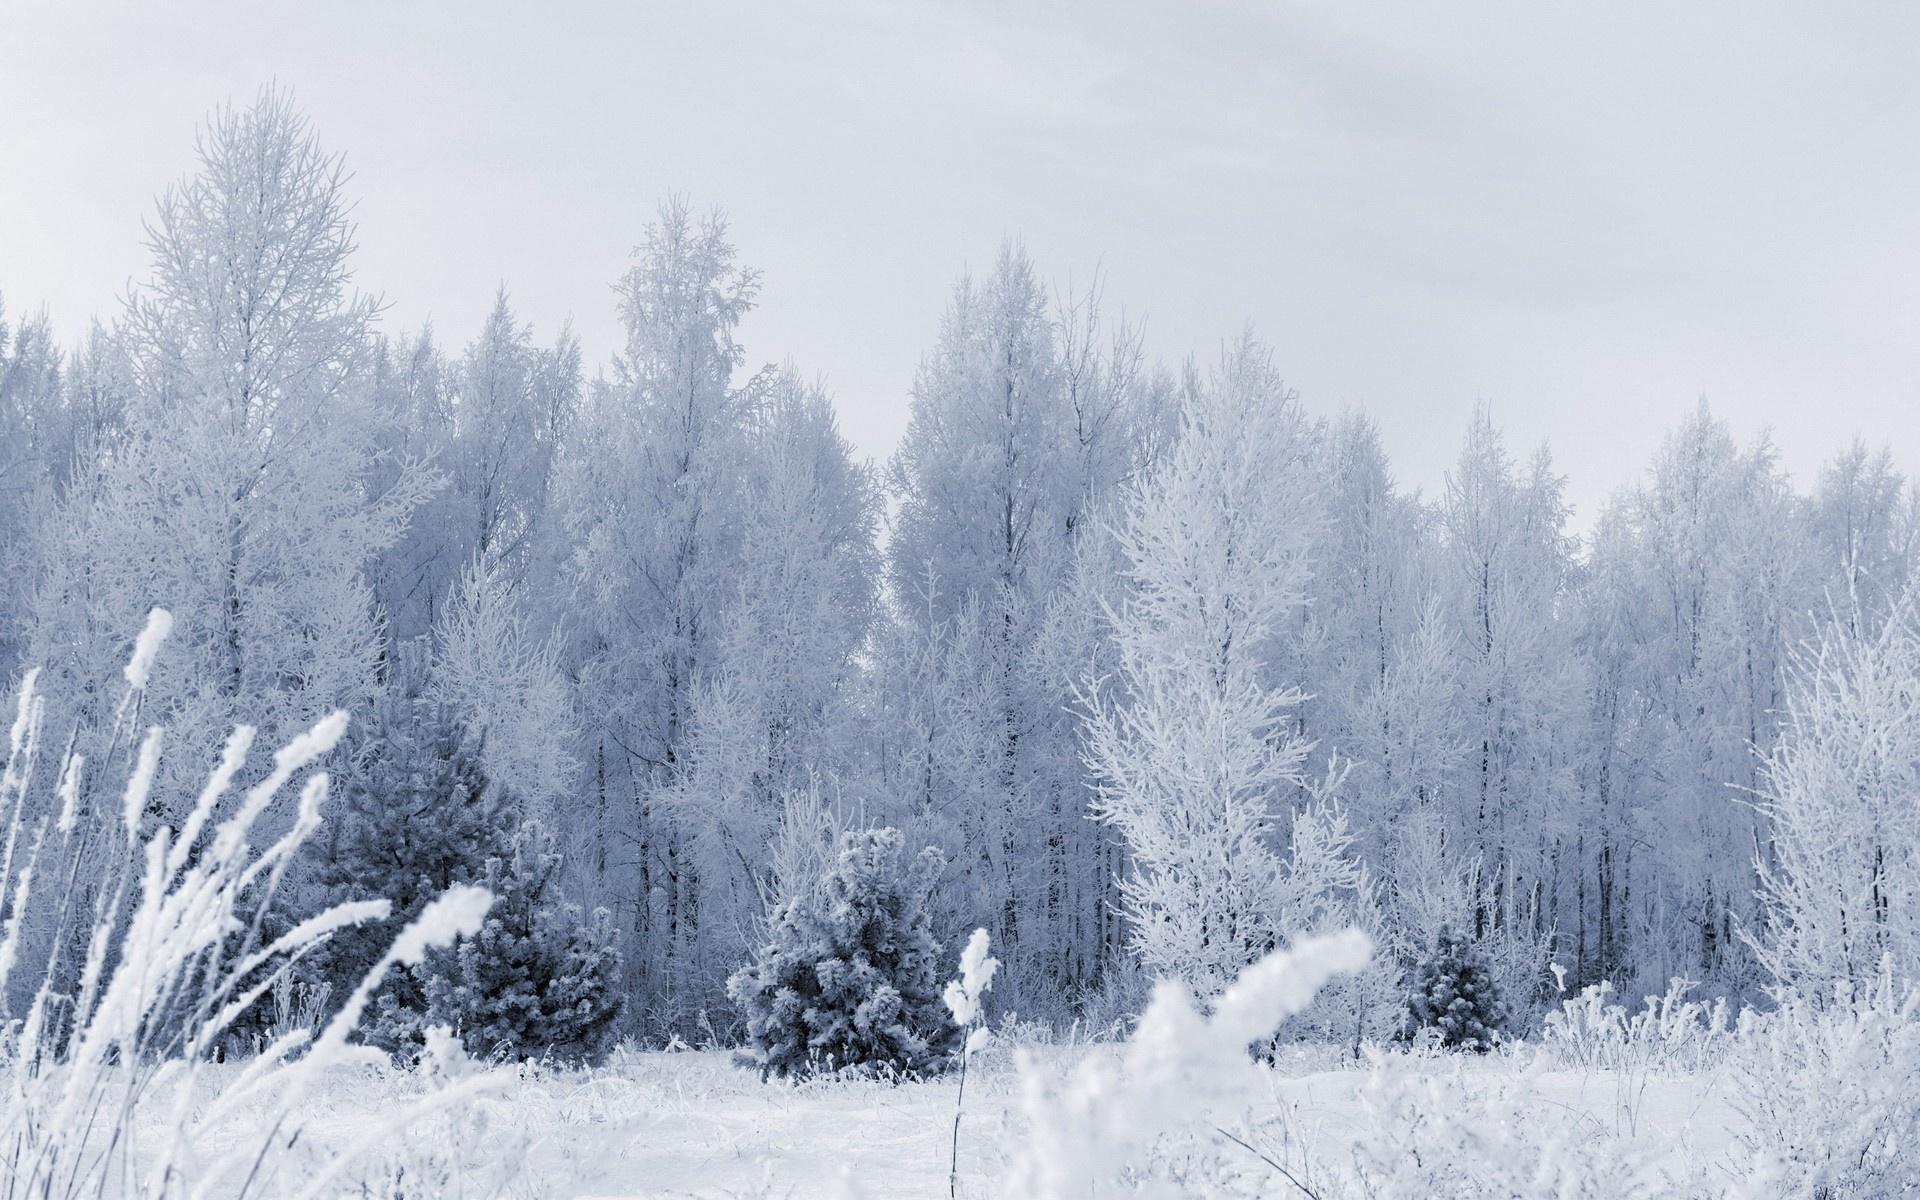 forest wallpaper frozen